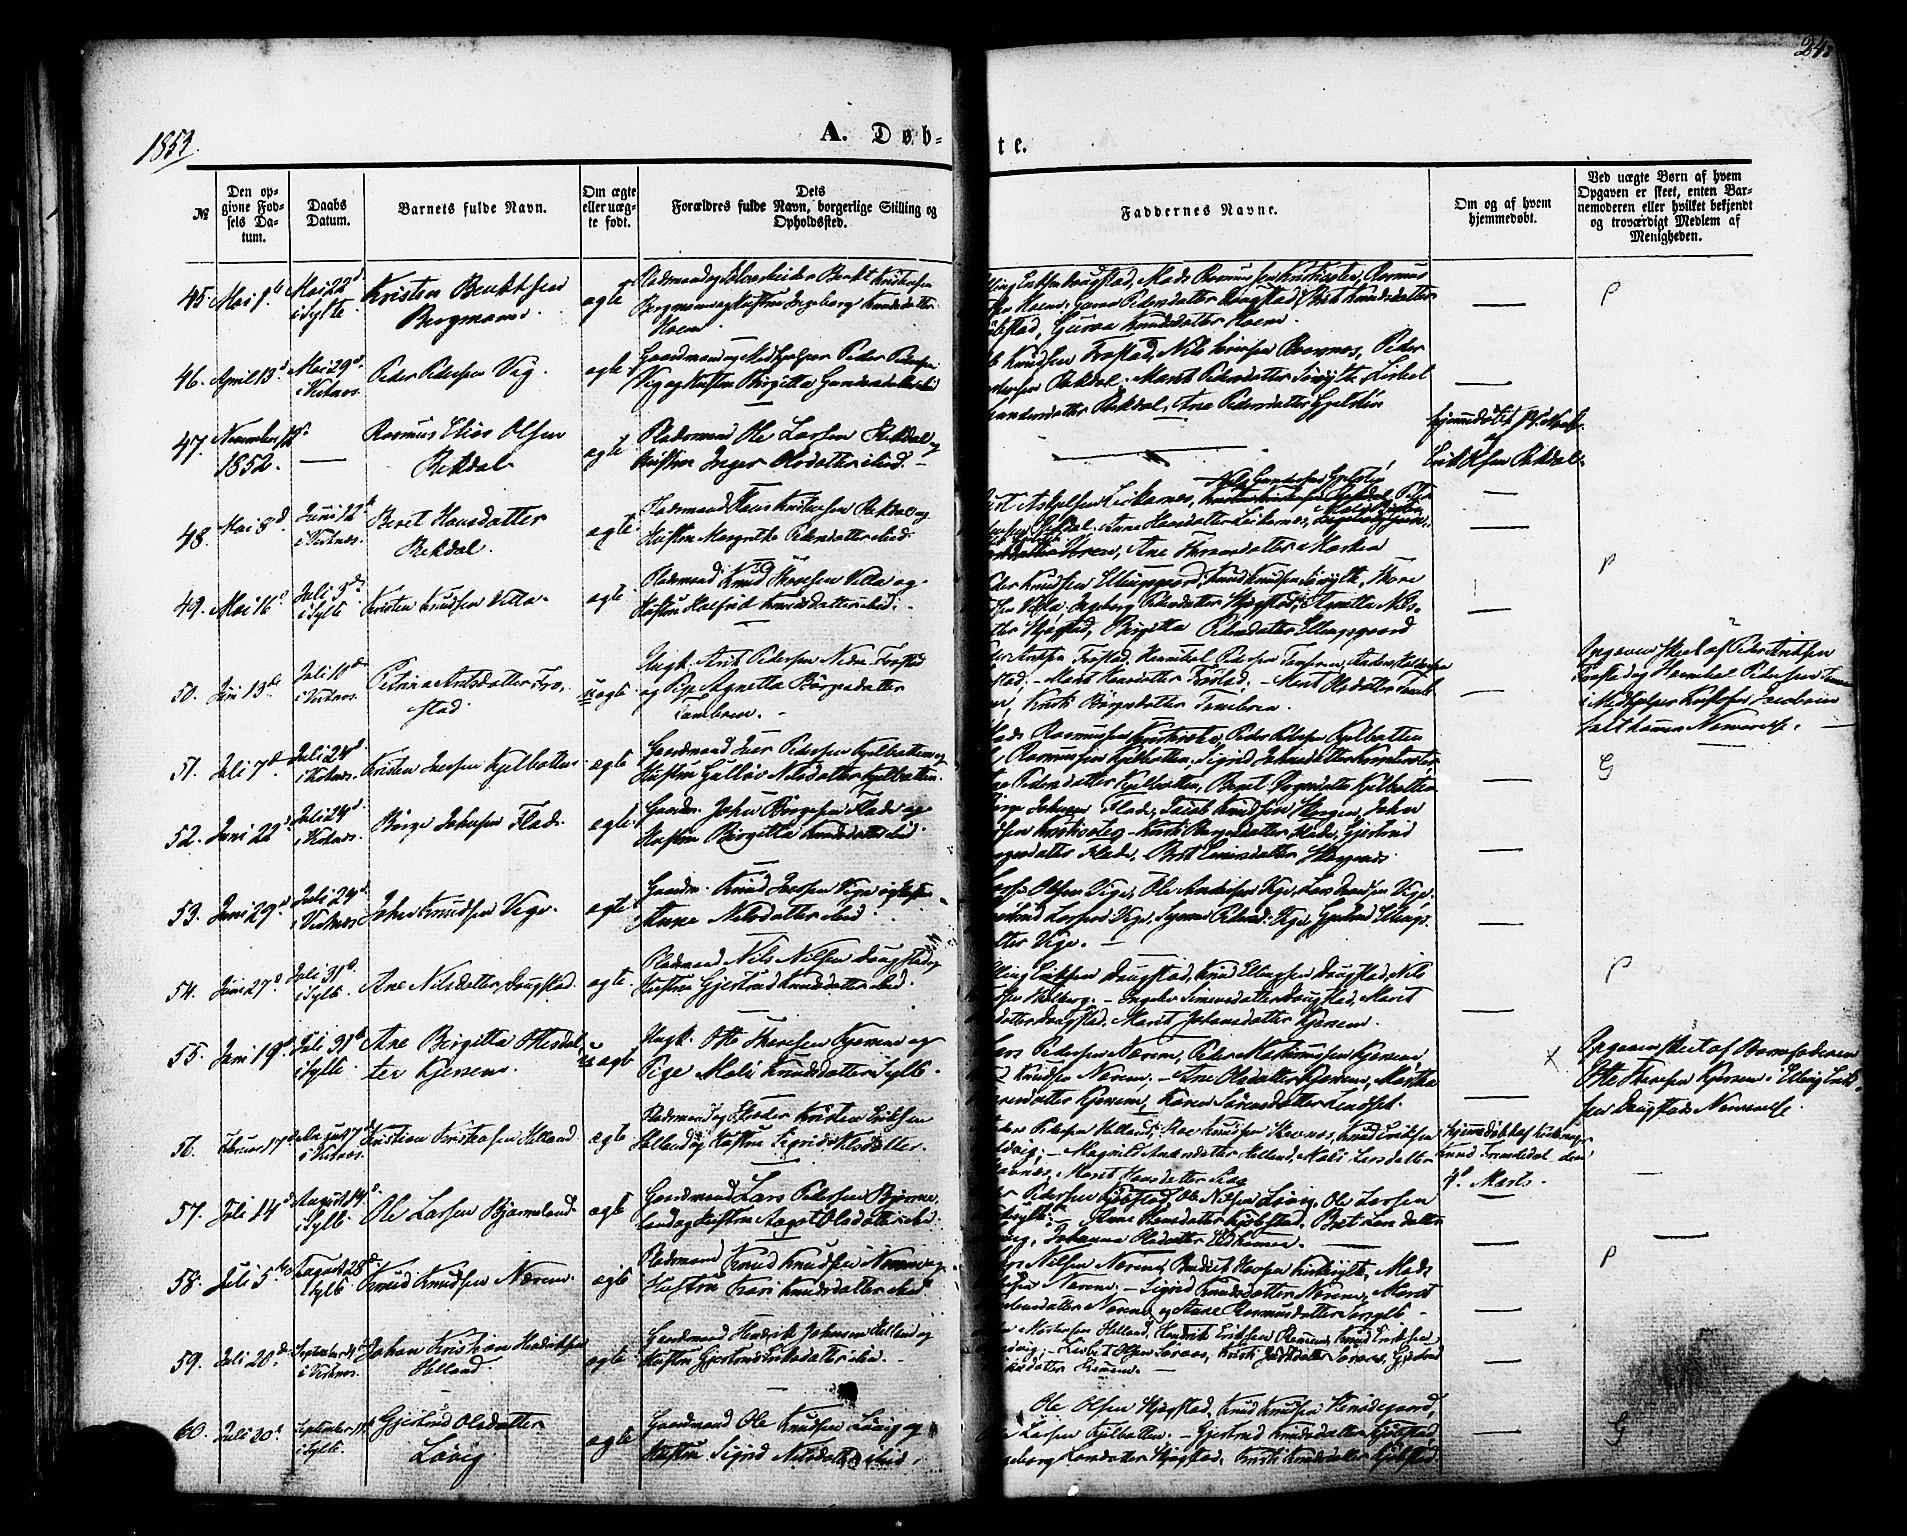 SAT, Ministerialprotokoller, klokkerbøker og fødselsregistre - Møre og Romsdal, 539/L0529: Ministerialbok nr. 539A02, 1848-1872, s. 24